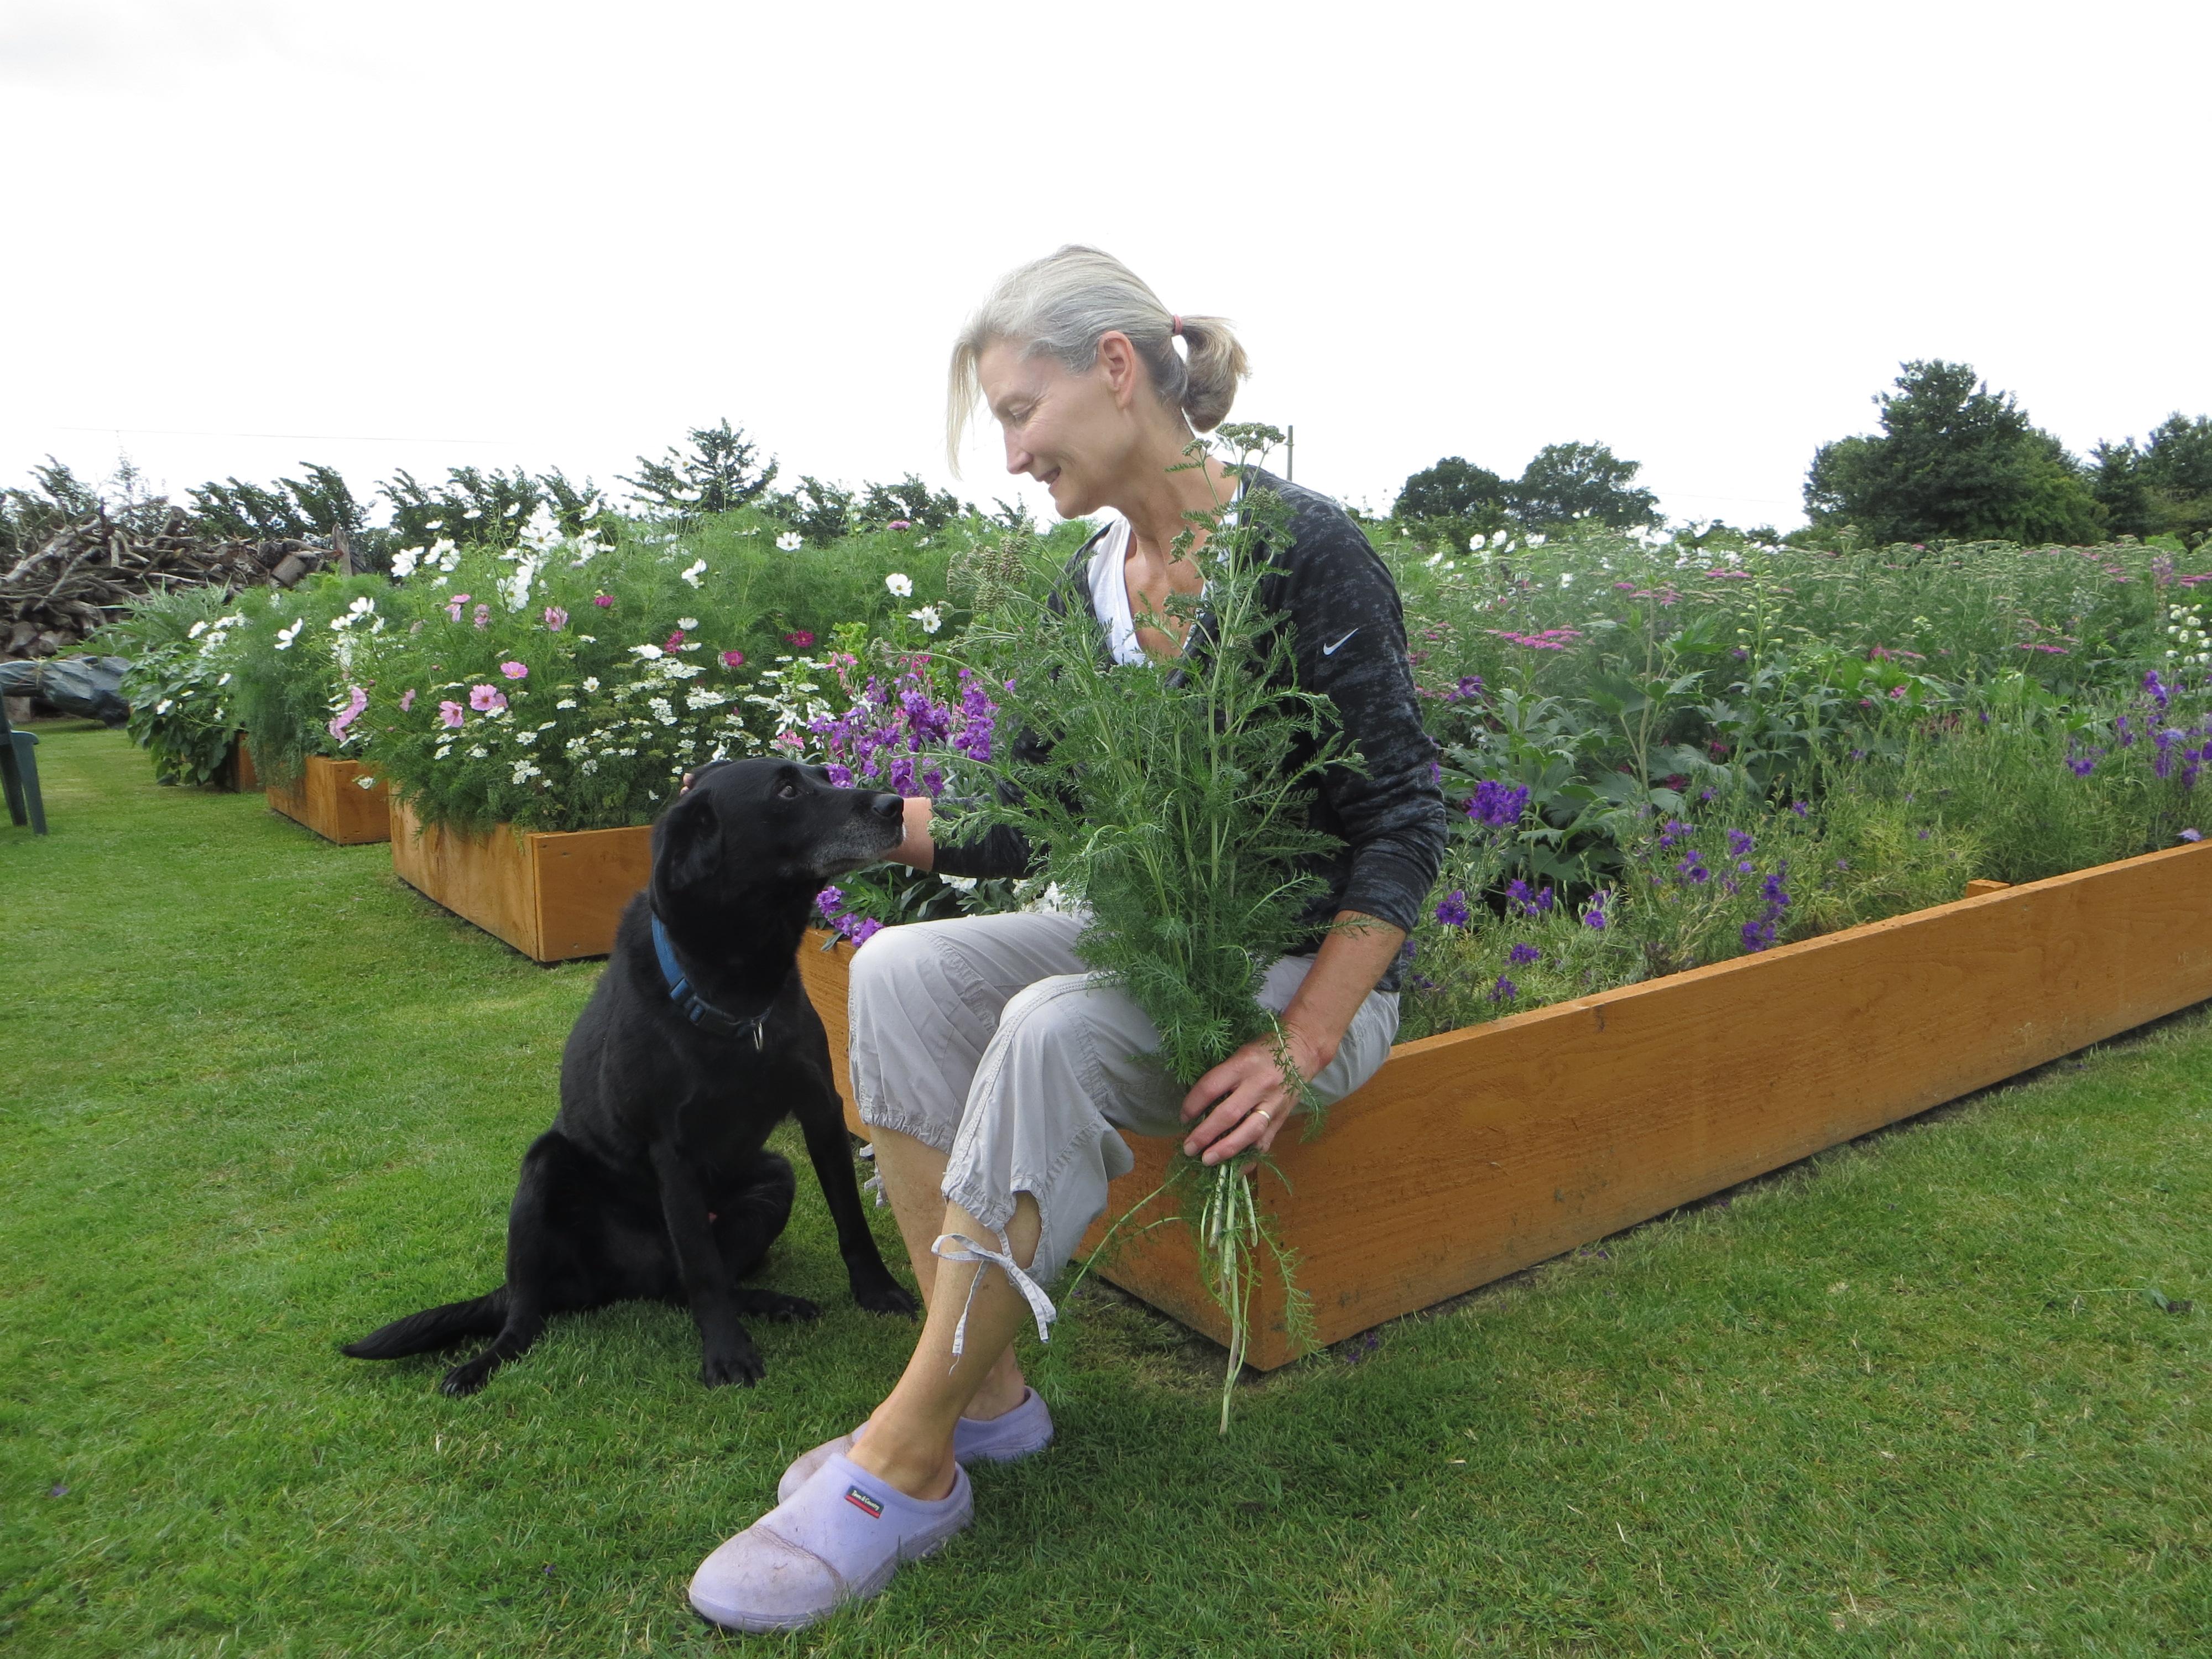 Badbury cut flower garden in Summer